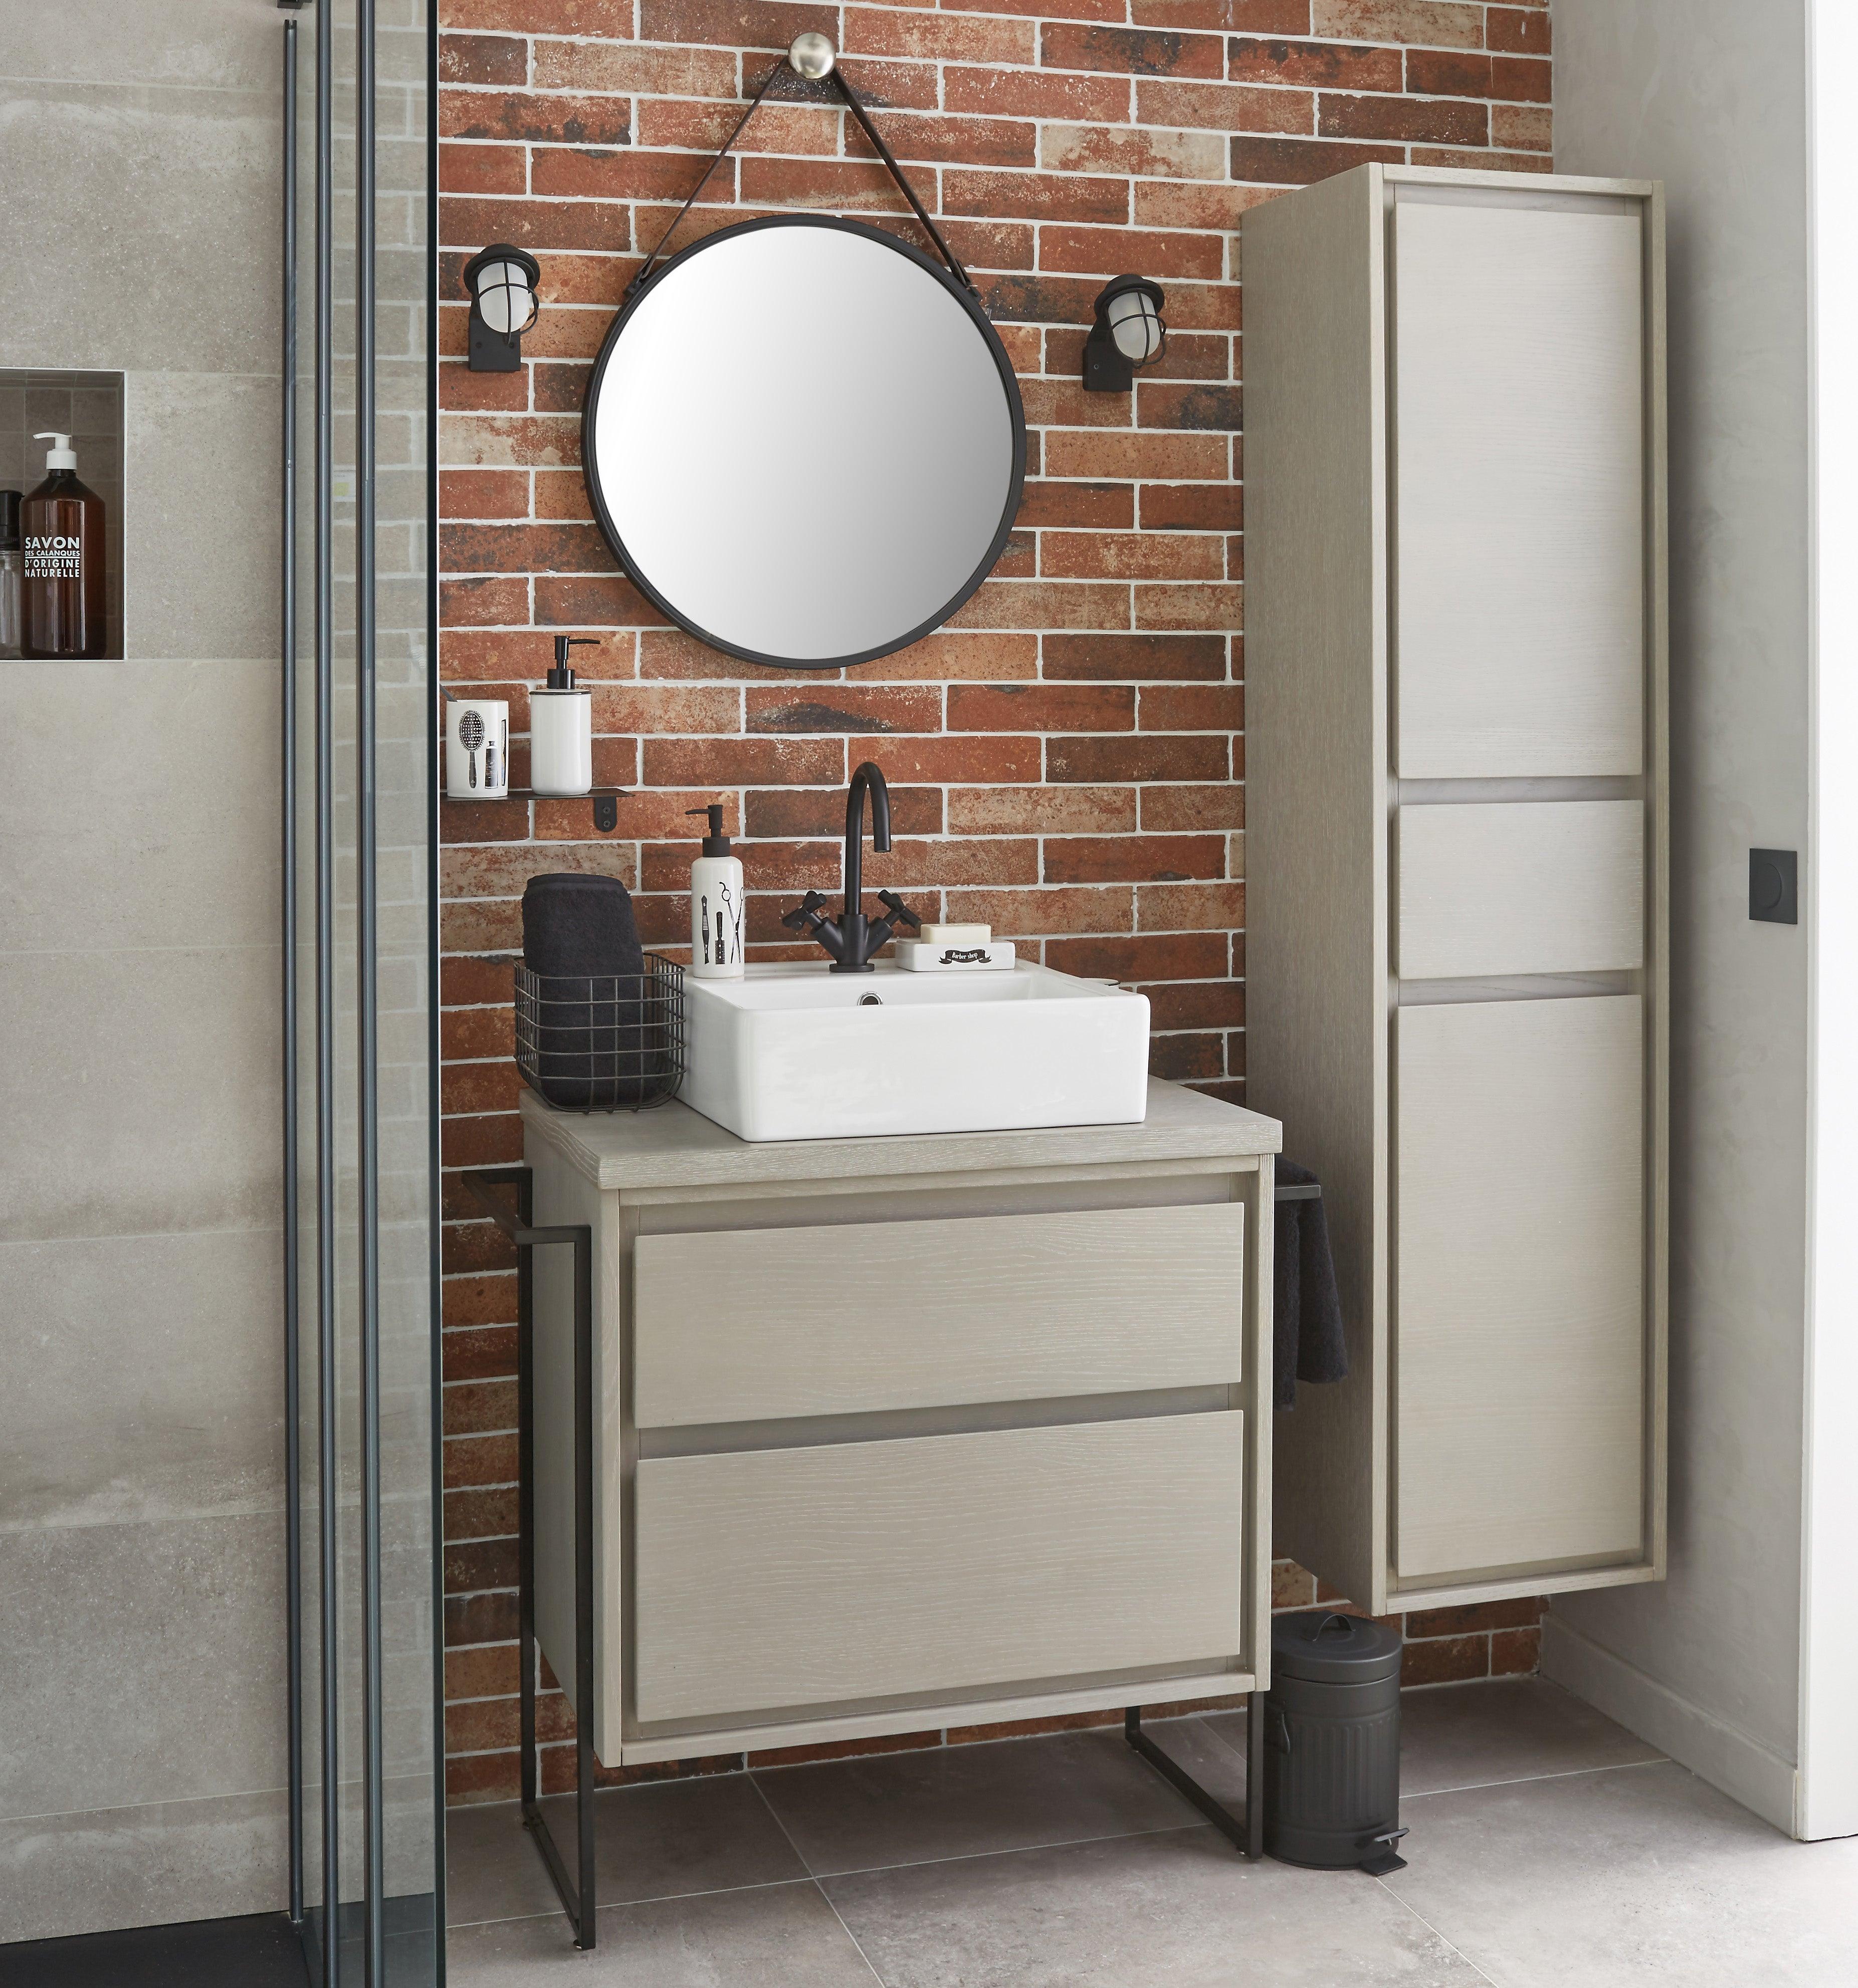 Meuble de salle de bains l.16 x H.16 x P.16 cm, effet chêne grisé, Nordic